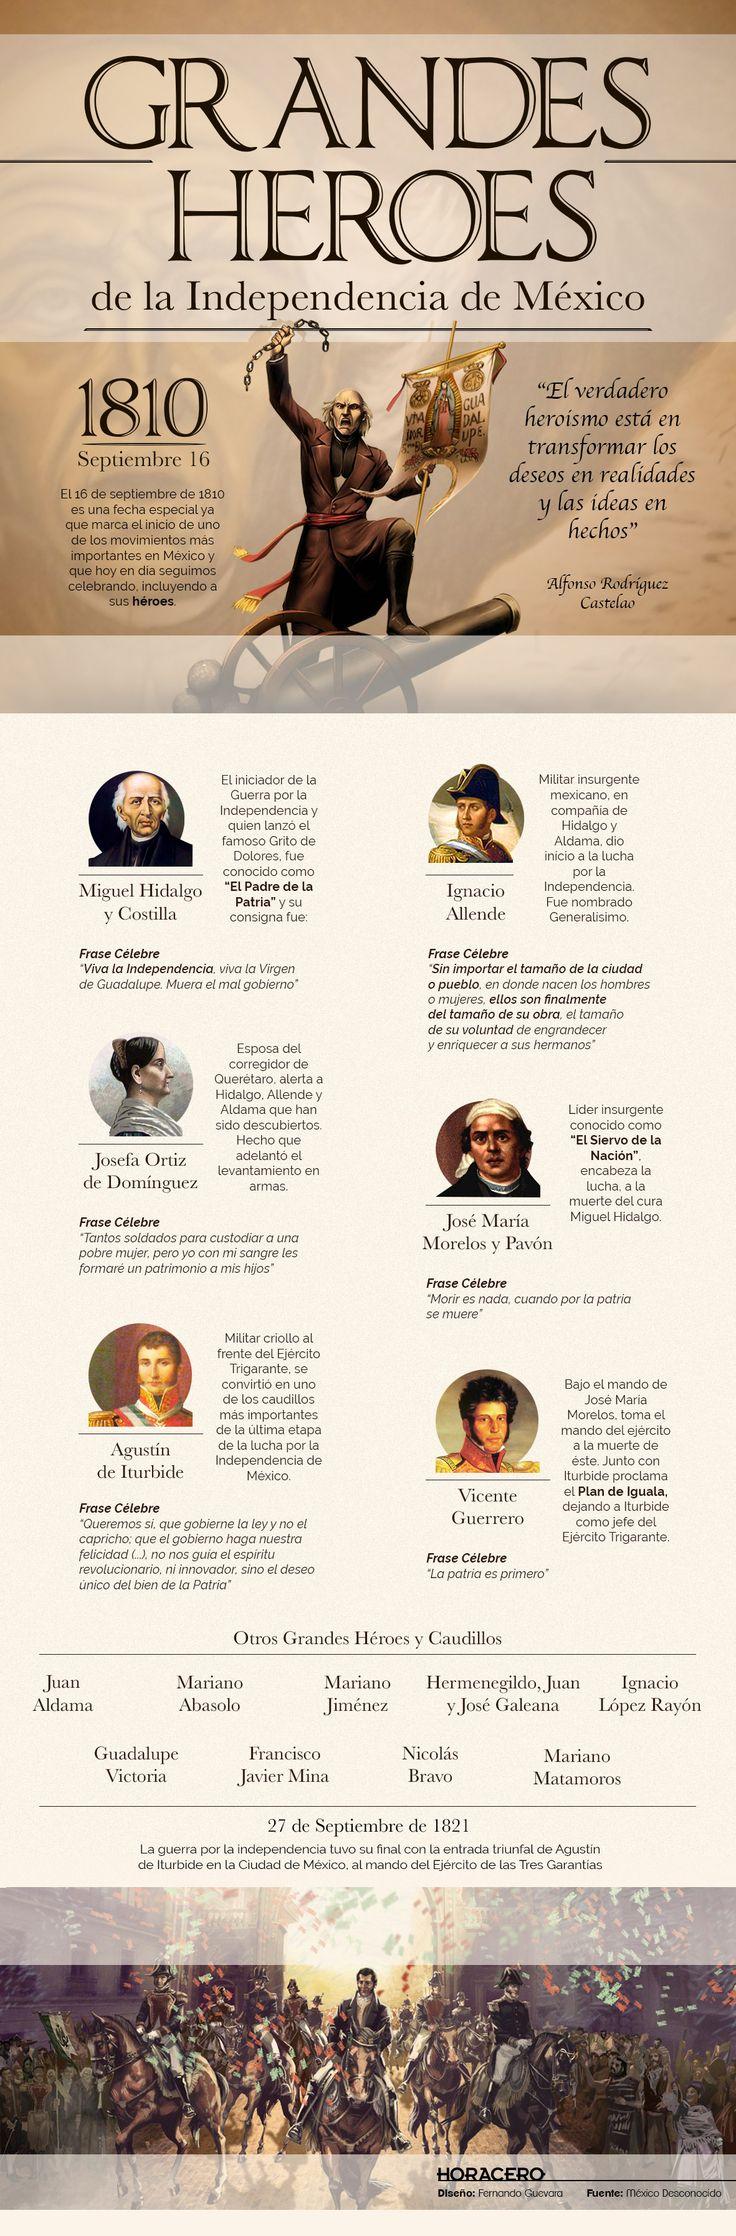 El 16 de septiembre de 1810 marca el inicio de uno de los movimientos más importantes en México: El Aniversario de la Independencia de México.